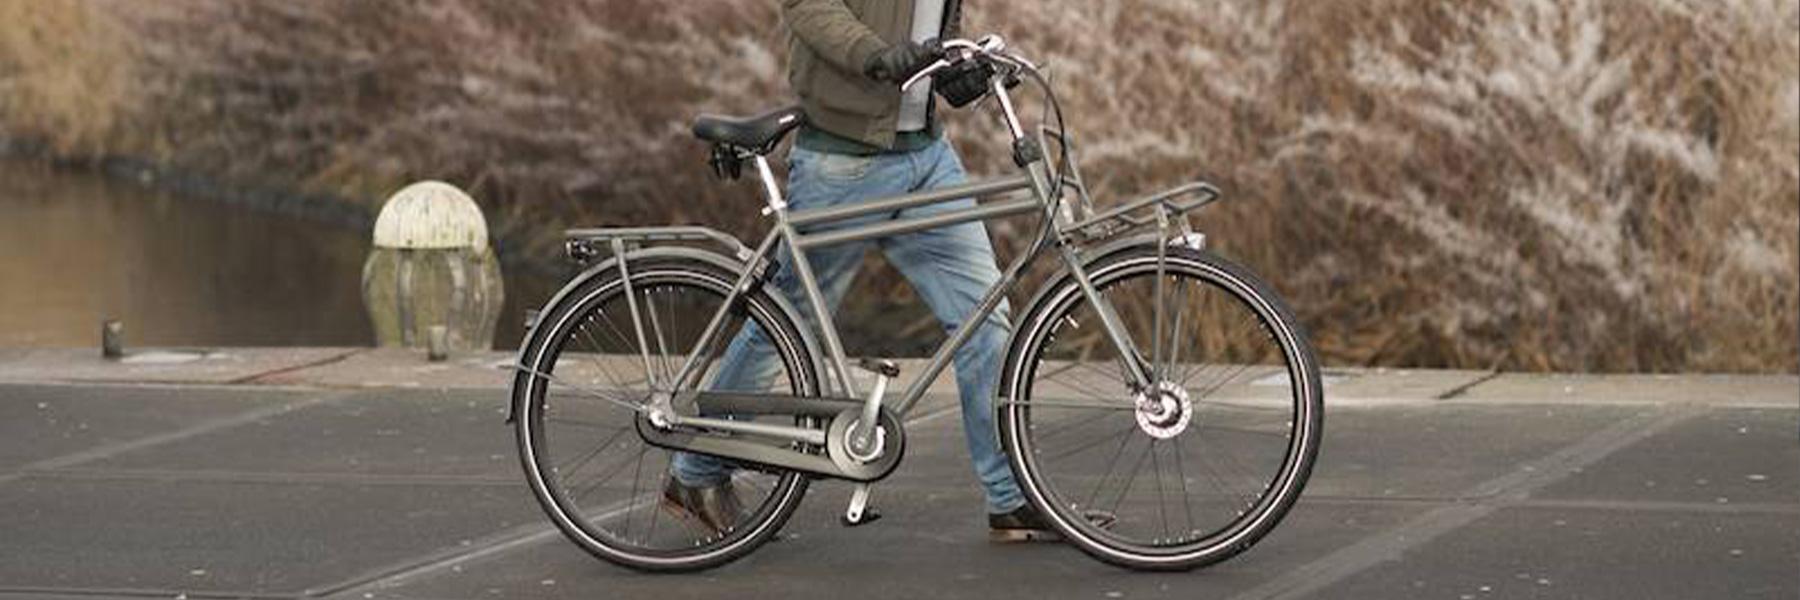 """alt=""""Union mannen fiets rekje buitenDrie mooie fietsroutes in Utrecht"""""""